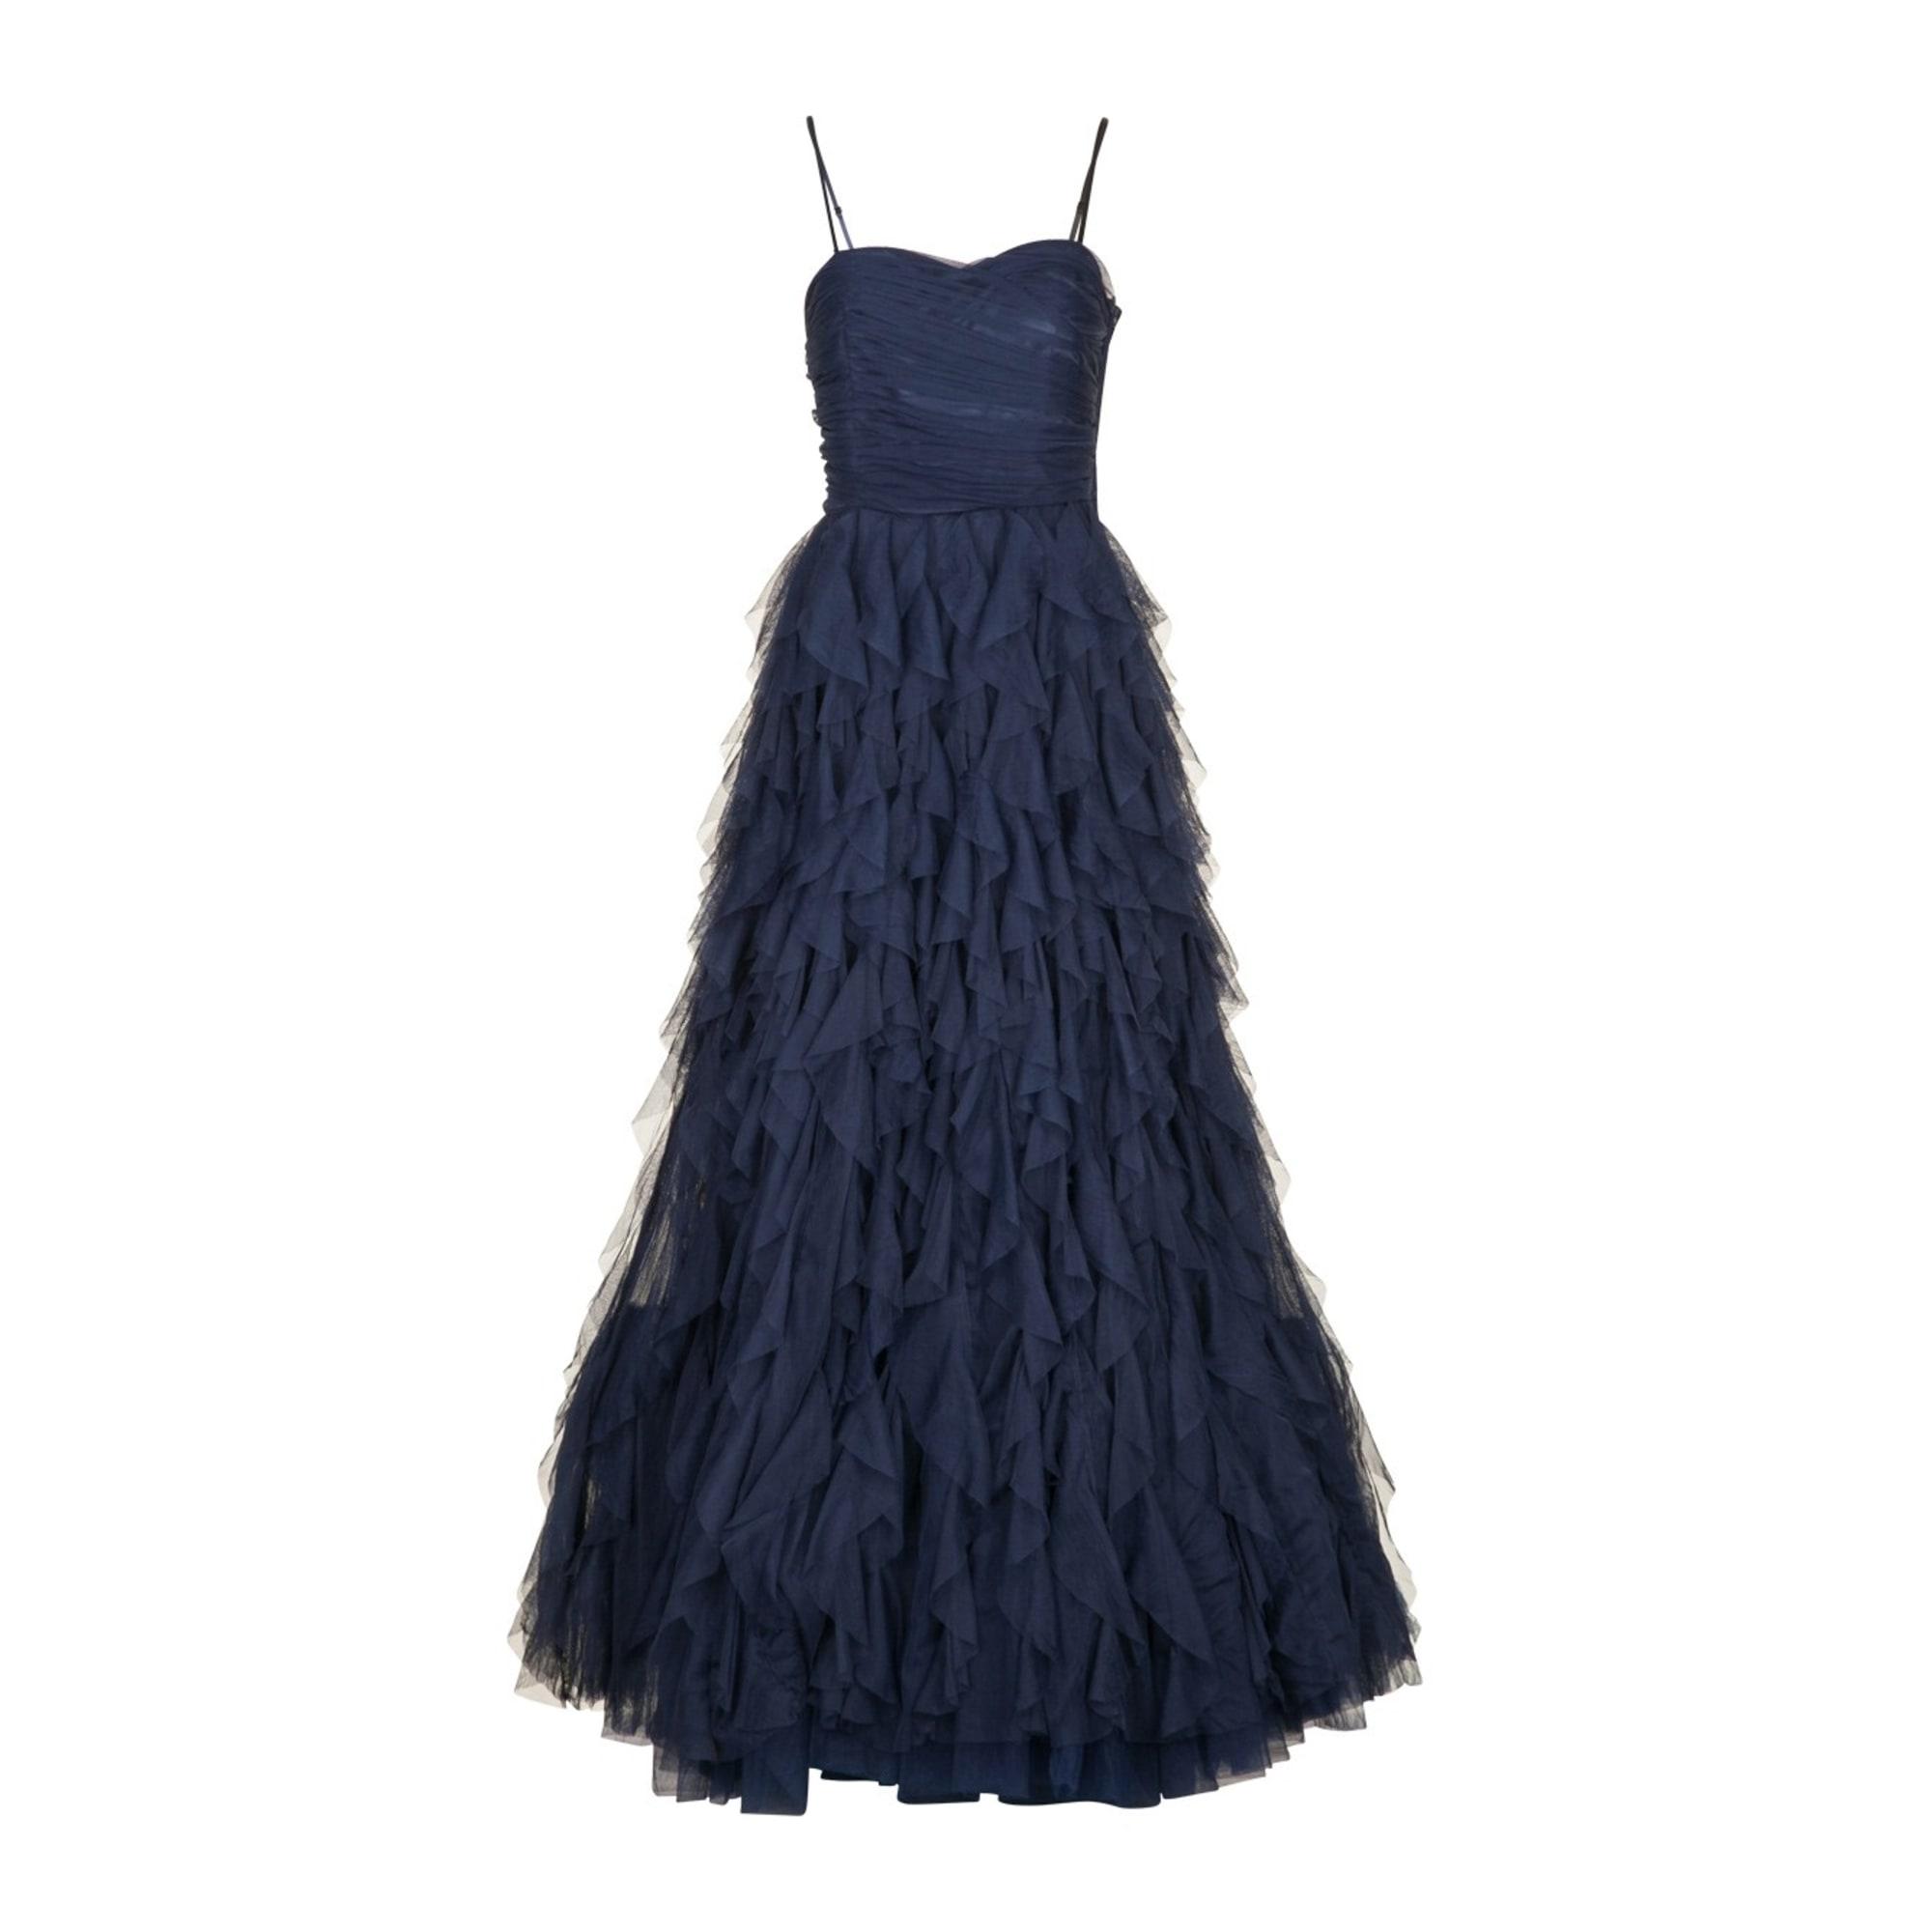 084ed62dc7d Robe soiree naf naf enchanteresse – Robes de soirée élégantes ...